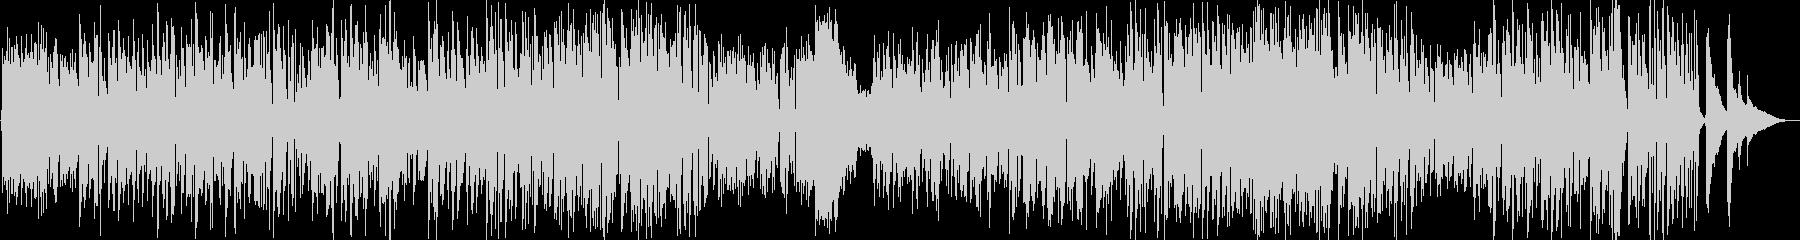 バサノバ アクティブ 明るい ほの...の未再生の波形